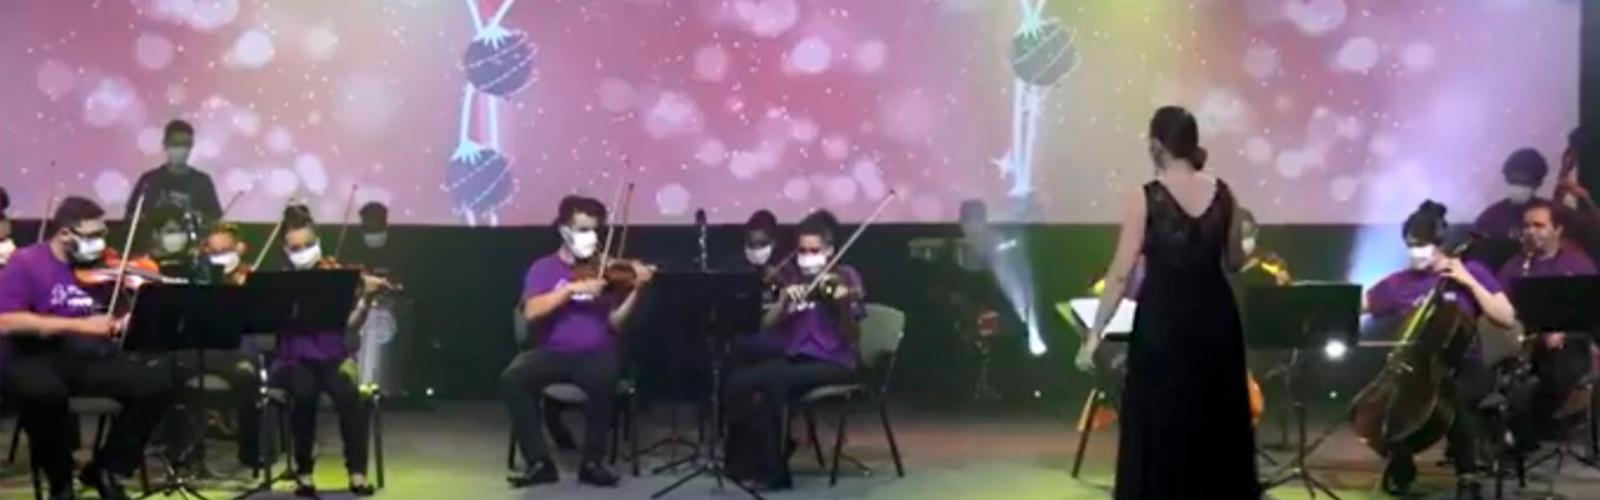 Informe Social da Fundação Telefônica Vivo: Cantata de Natal